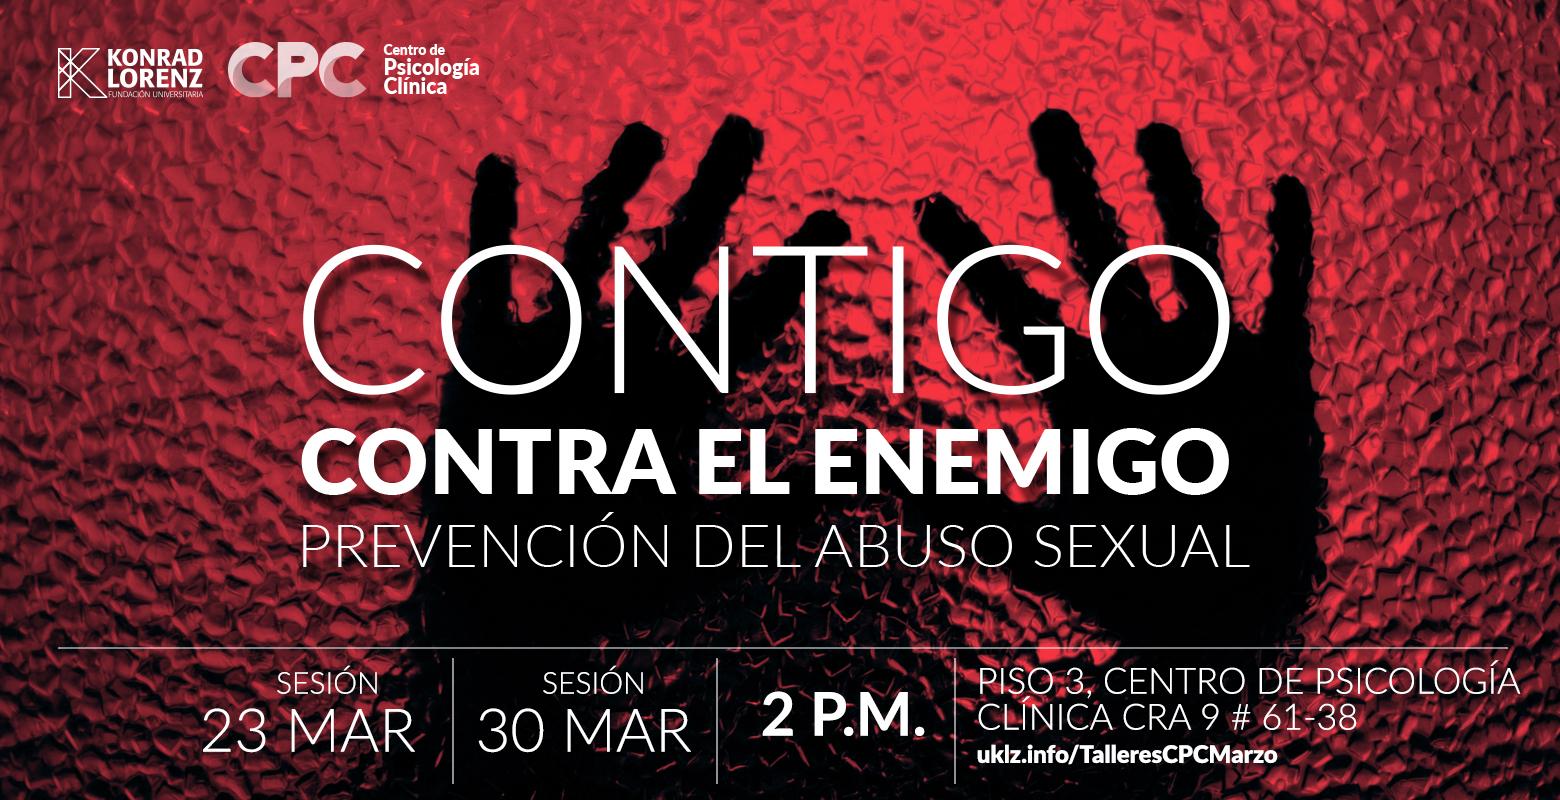 Contigo contra el enemigo: prevención abuso sexual